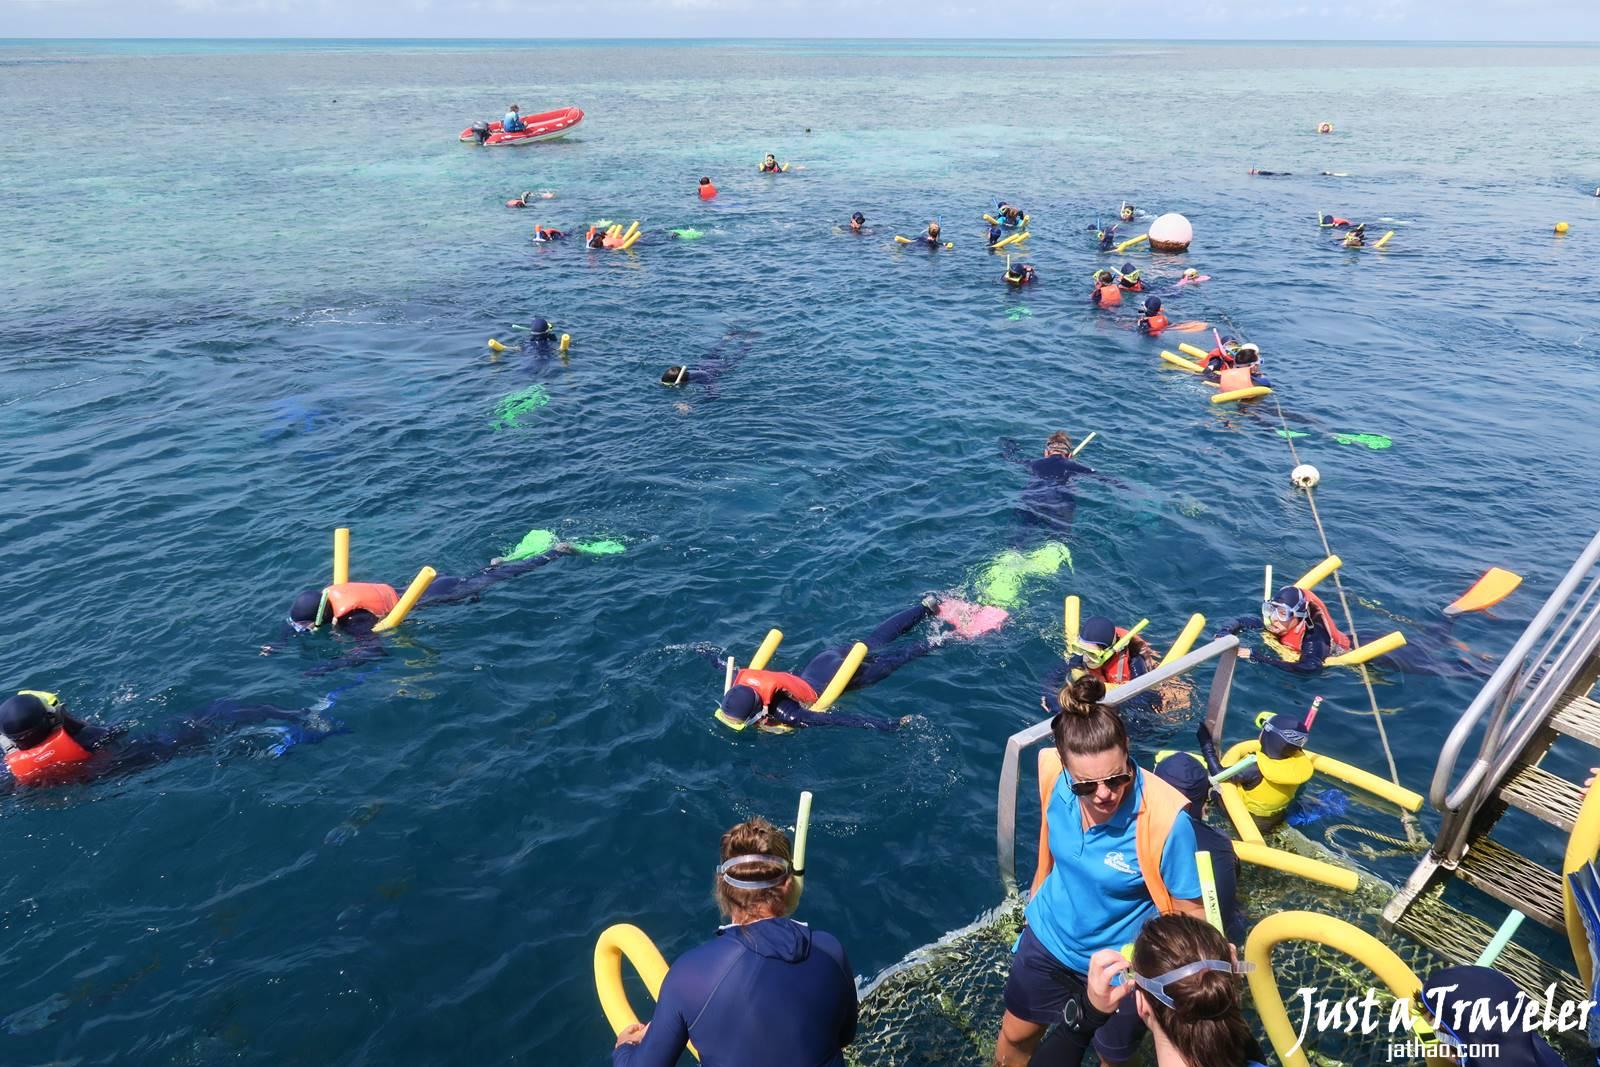 澳洲-聖靈群島-降靈群島-行程-安排-景點-攻略-自由行-旅遊-觀光-天數-時間-季節-月份-Whitsundays